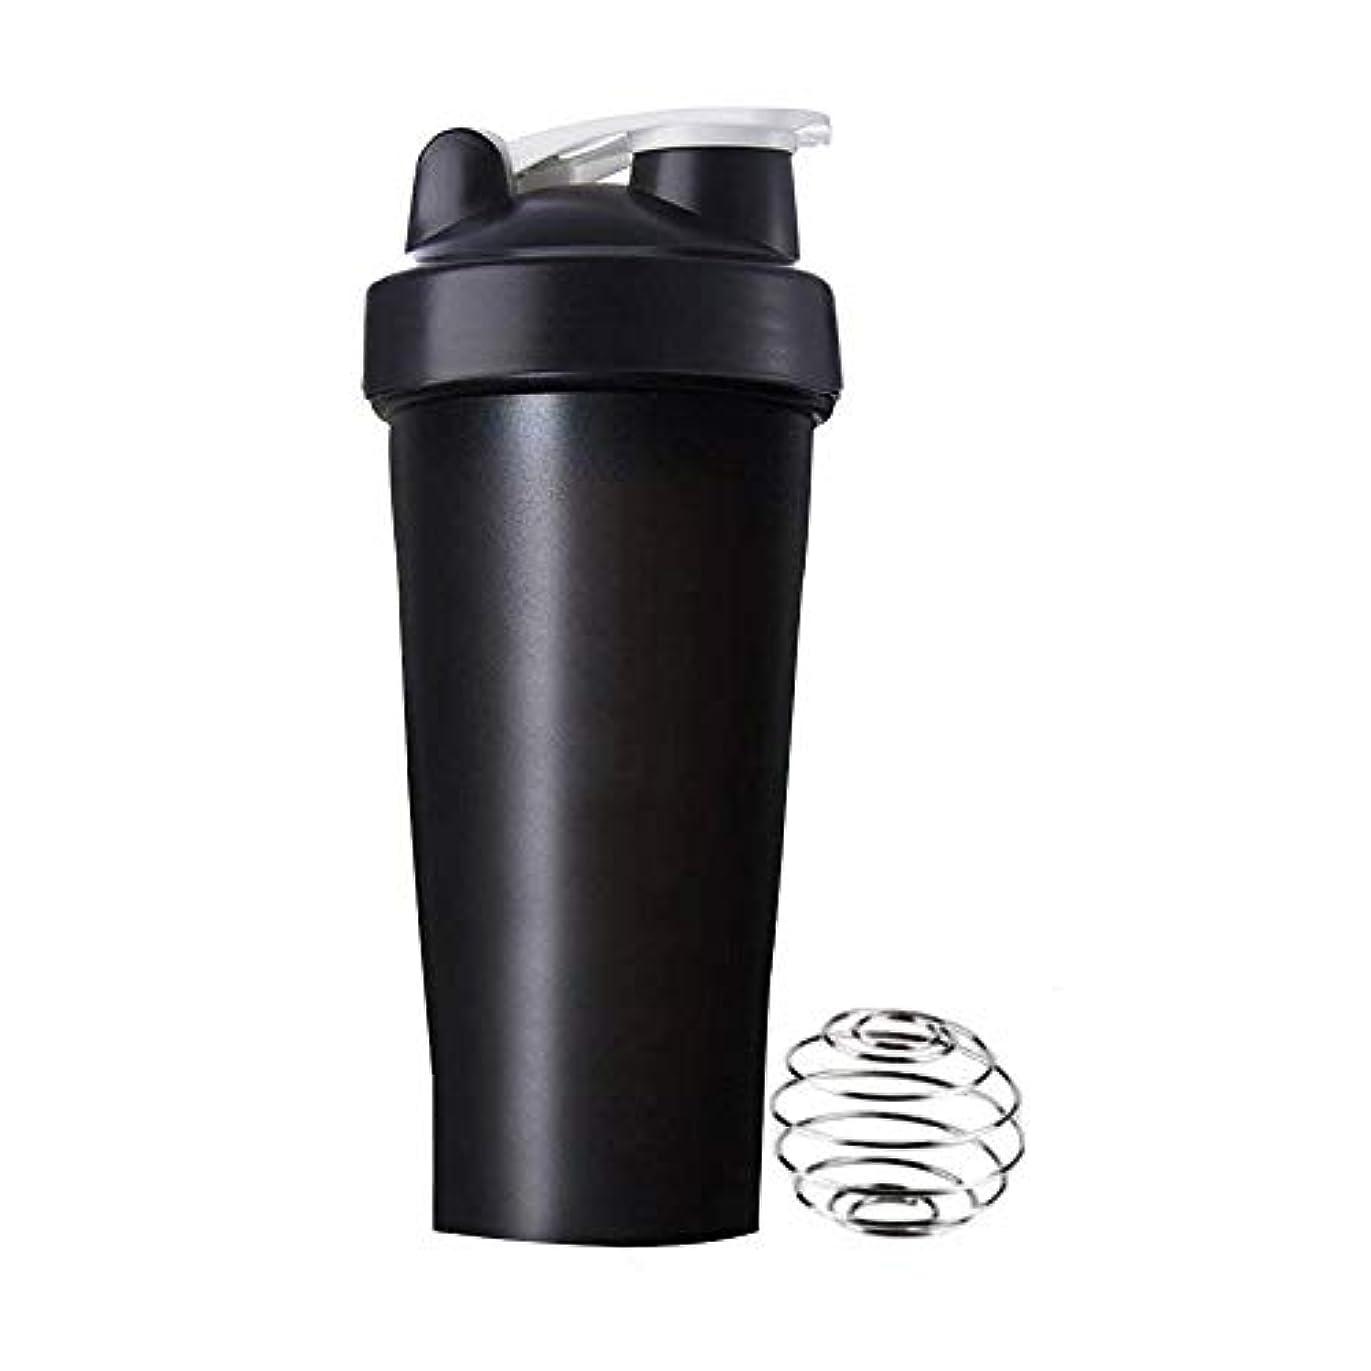 退屈なカールフライカイトgundoop プロテインシェイカー 直飲み プラスチックウォーターボトル ジム シェーカーボトル 600ml